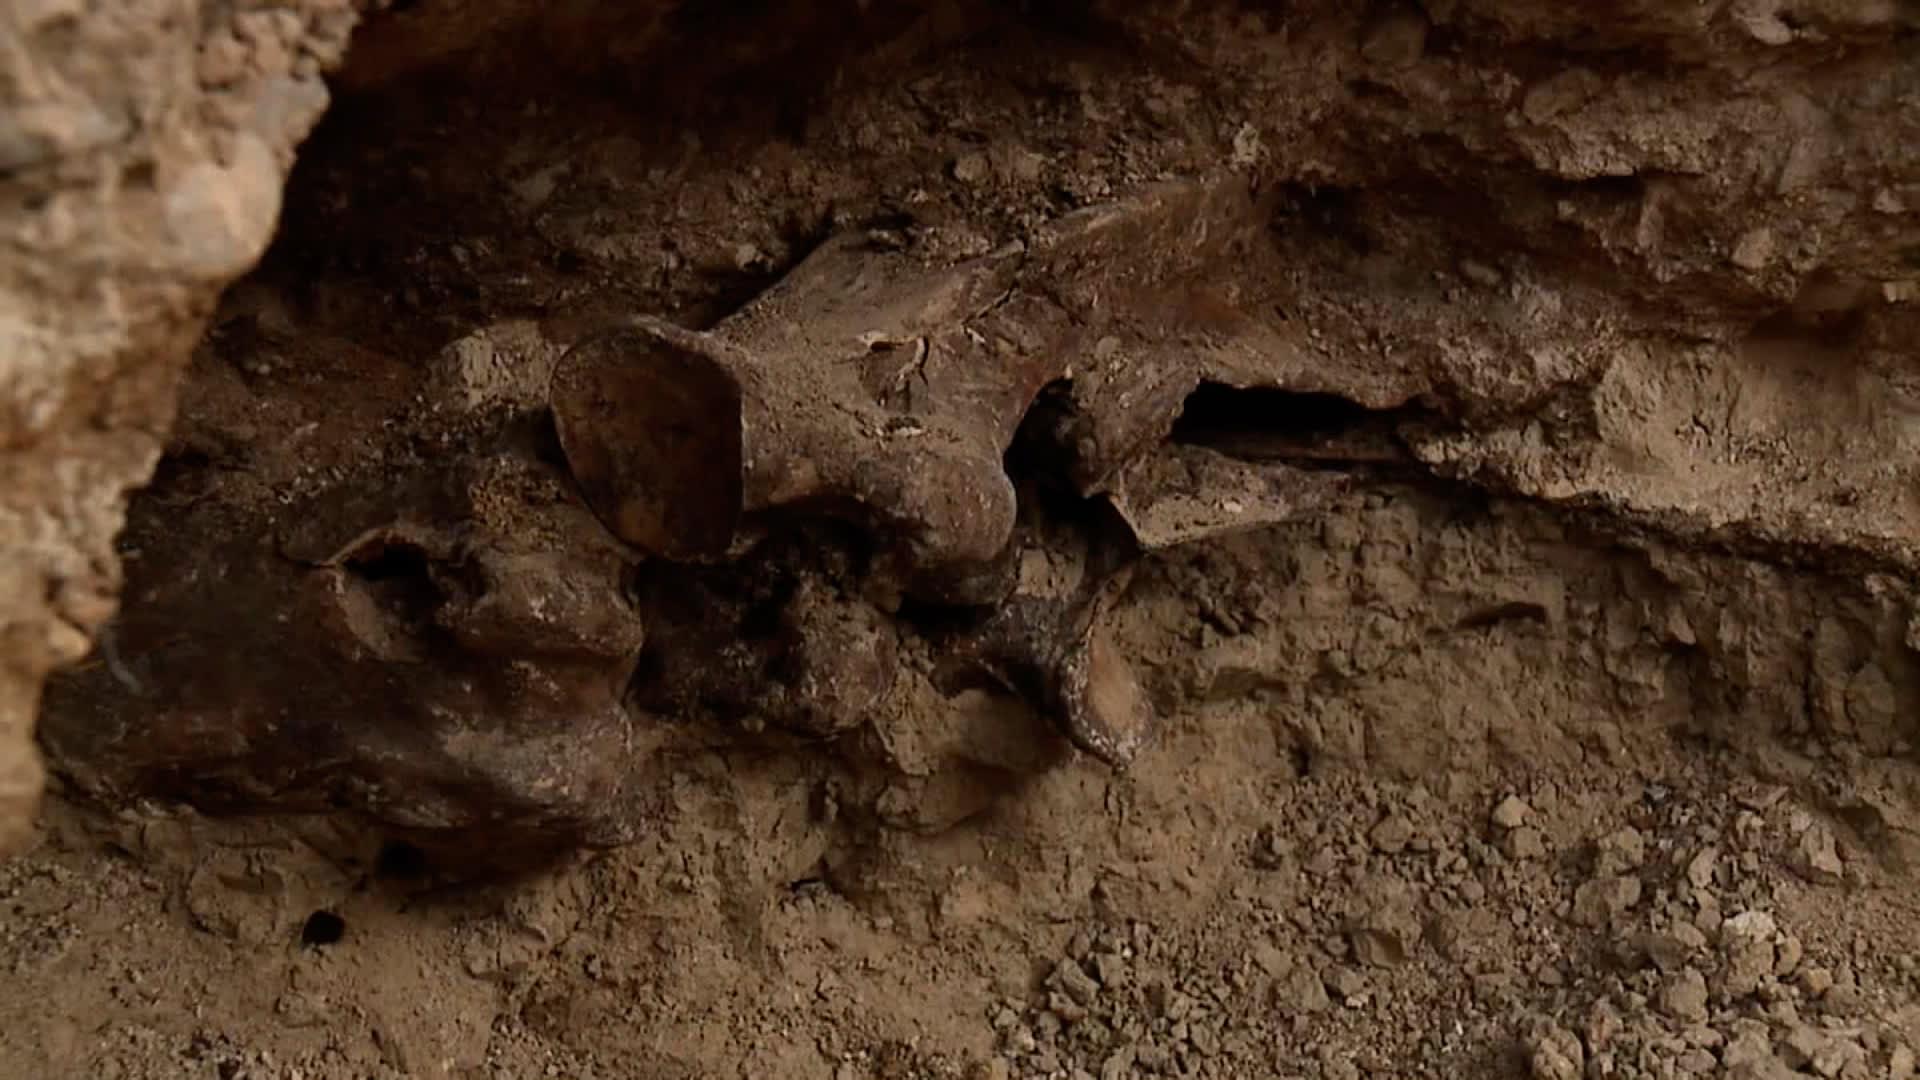 العثور على عظام ماموث عملاقة عمرها 15 ألف سنة في المكسيك